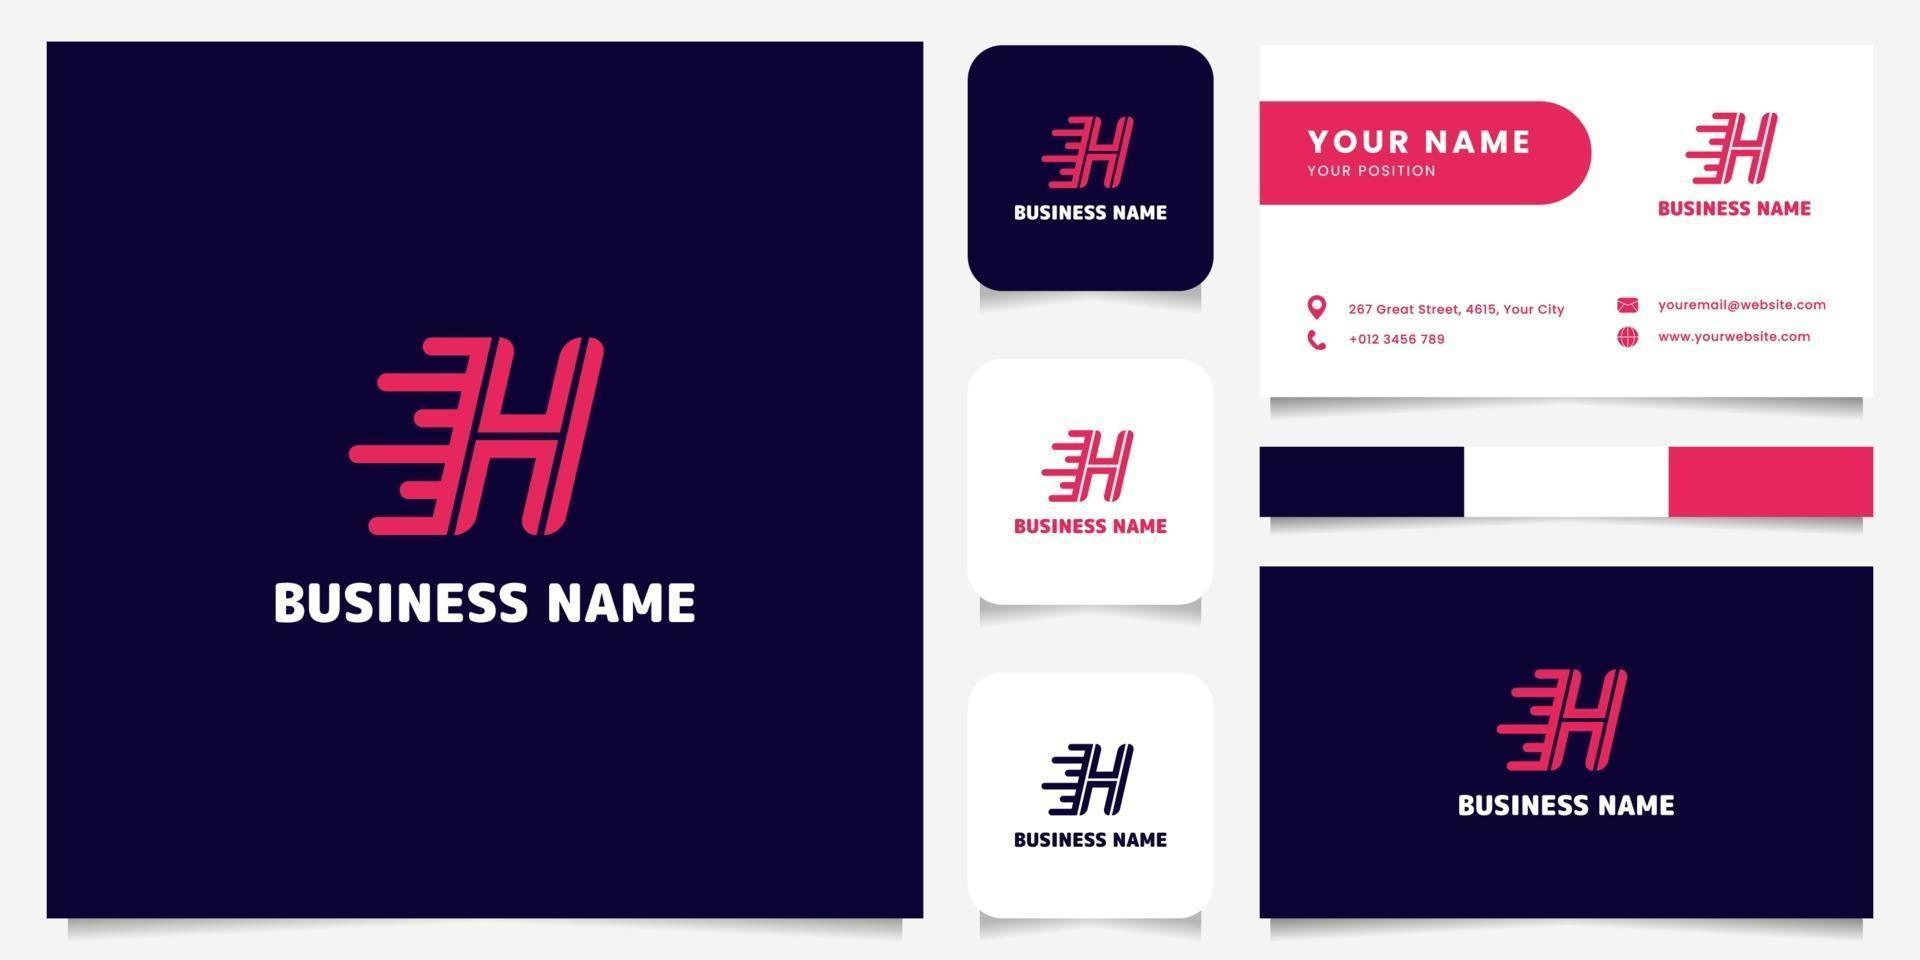 eenvoudig en minimalistisch helder roze letter h snelheid logo in donkere achtergrond logo met sjabloon voor visitekaartjes vector